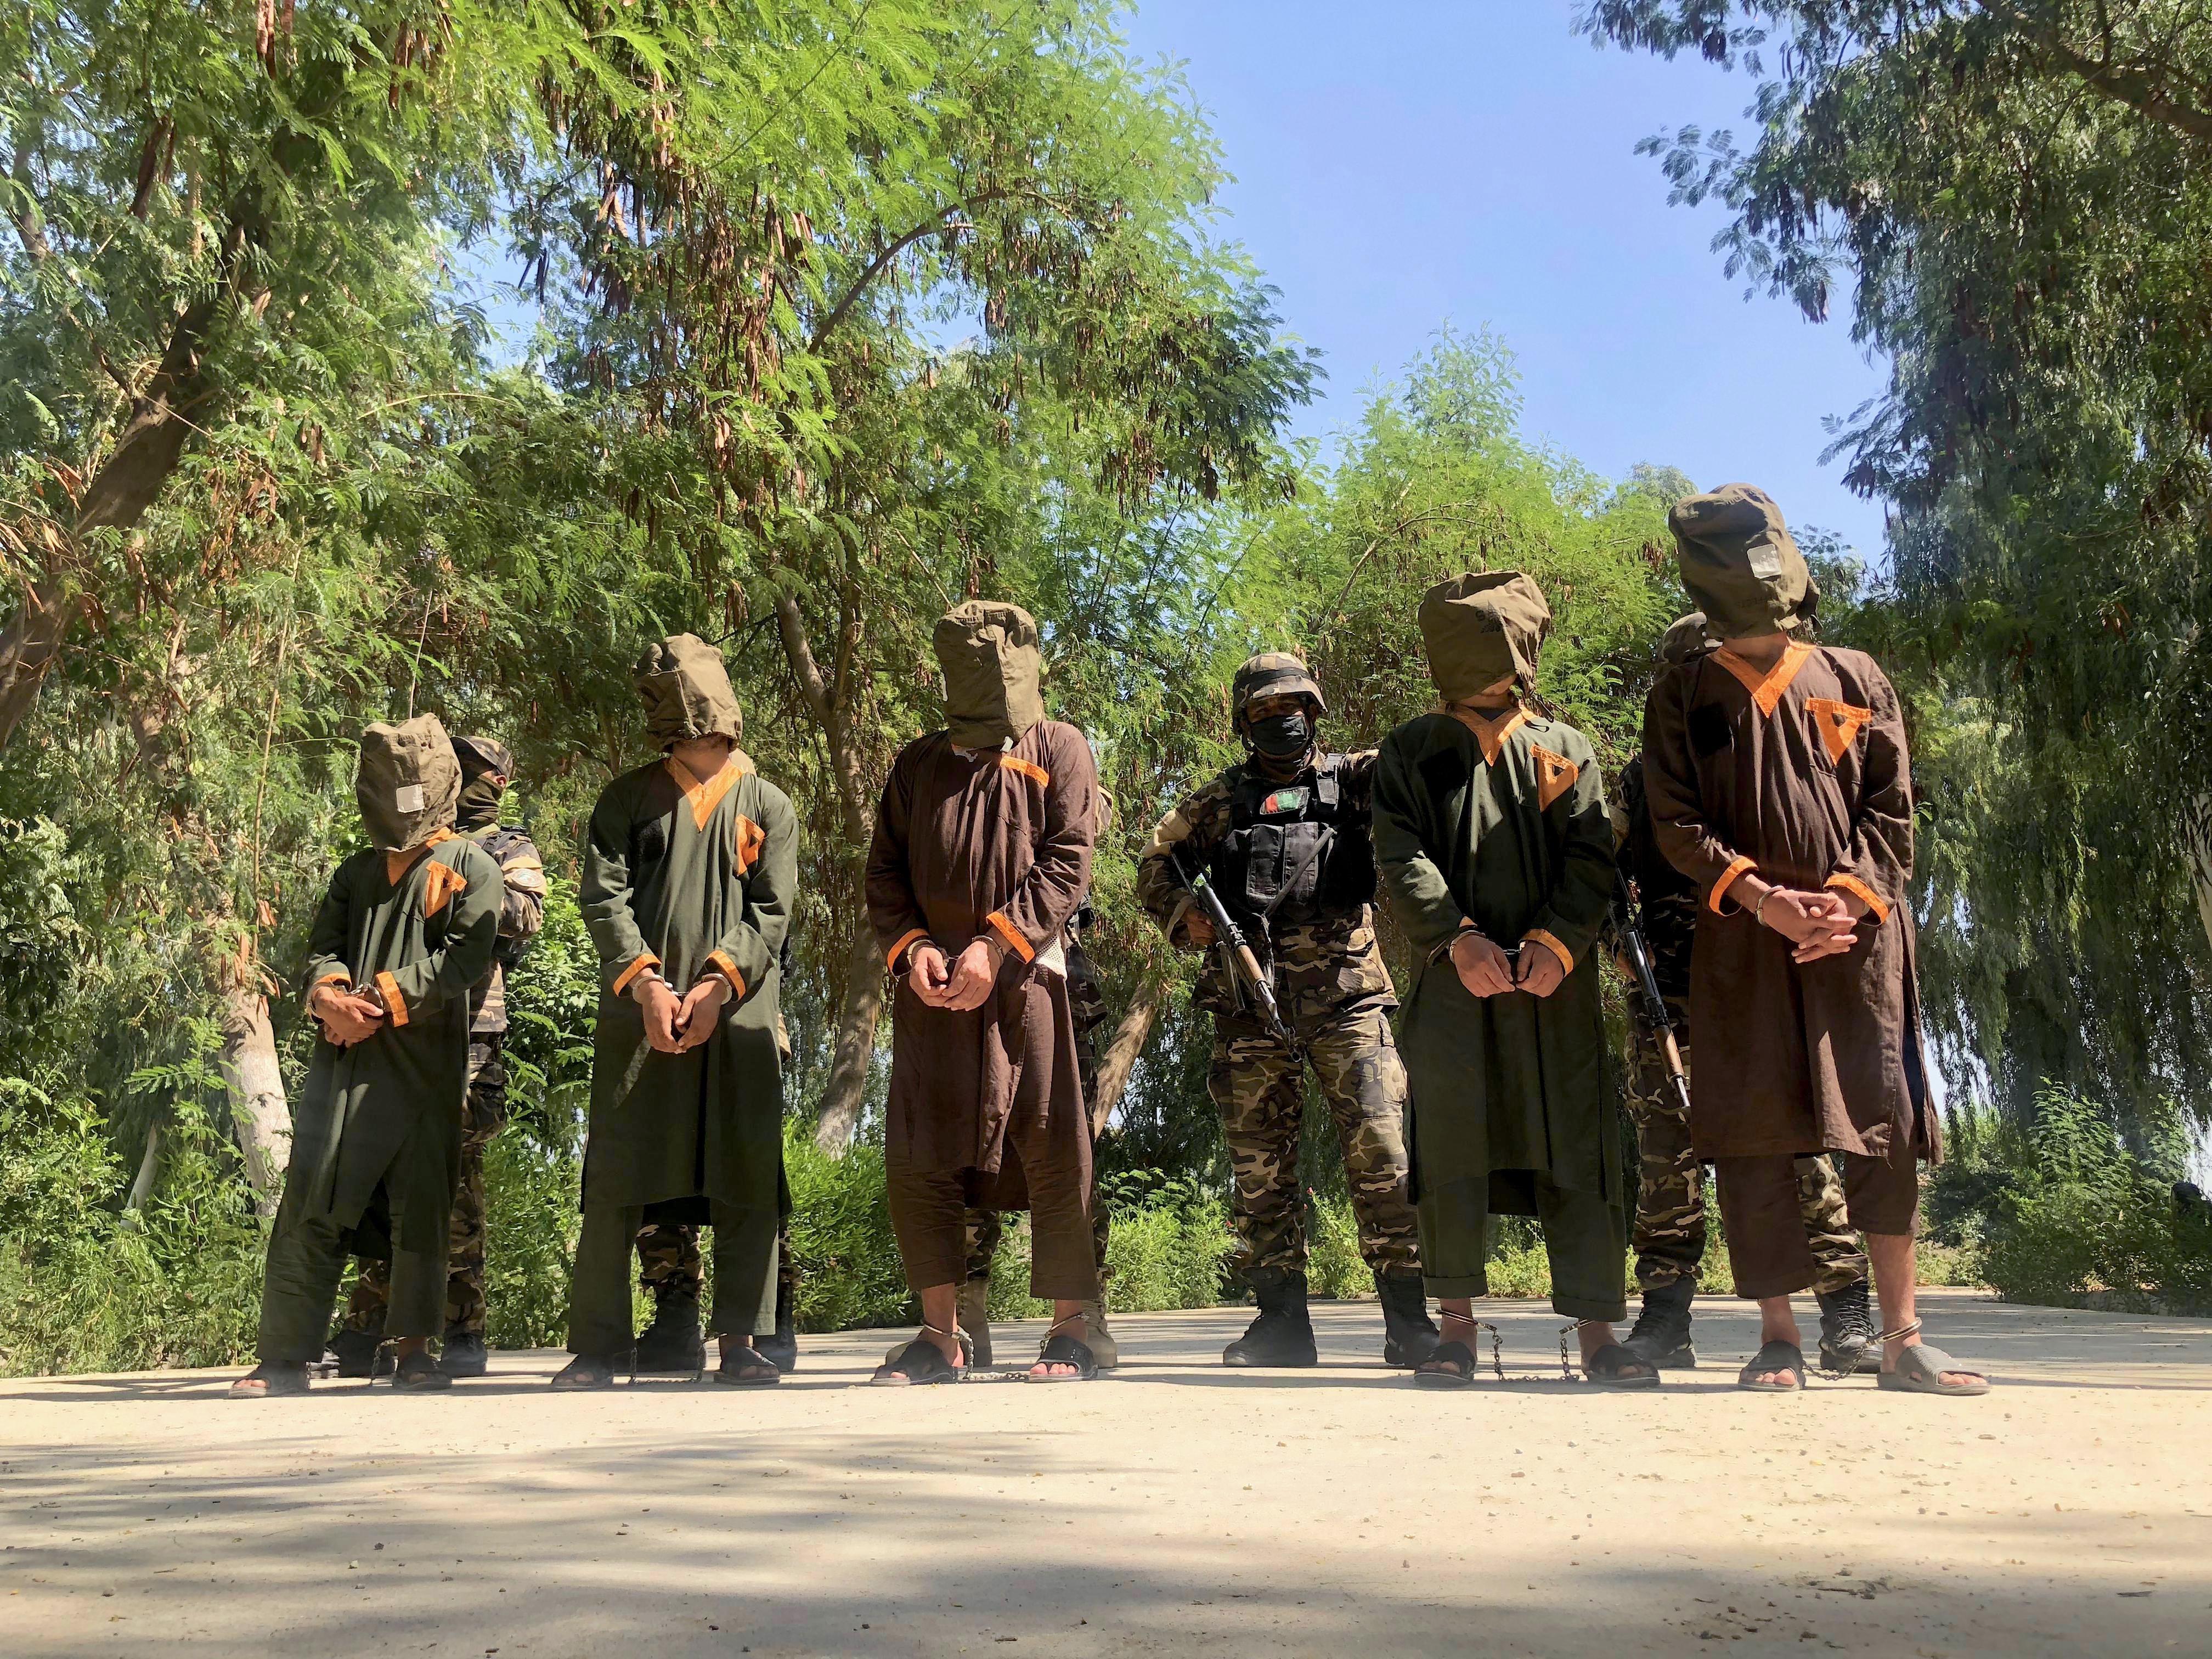 چارواکي: افغان ځواکونو په ننګرهار کې په ۳ میاشتو کې نژدې ۲۰۰ اورپکي نیولي دي